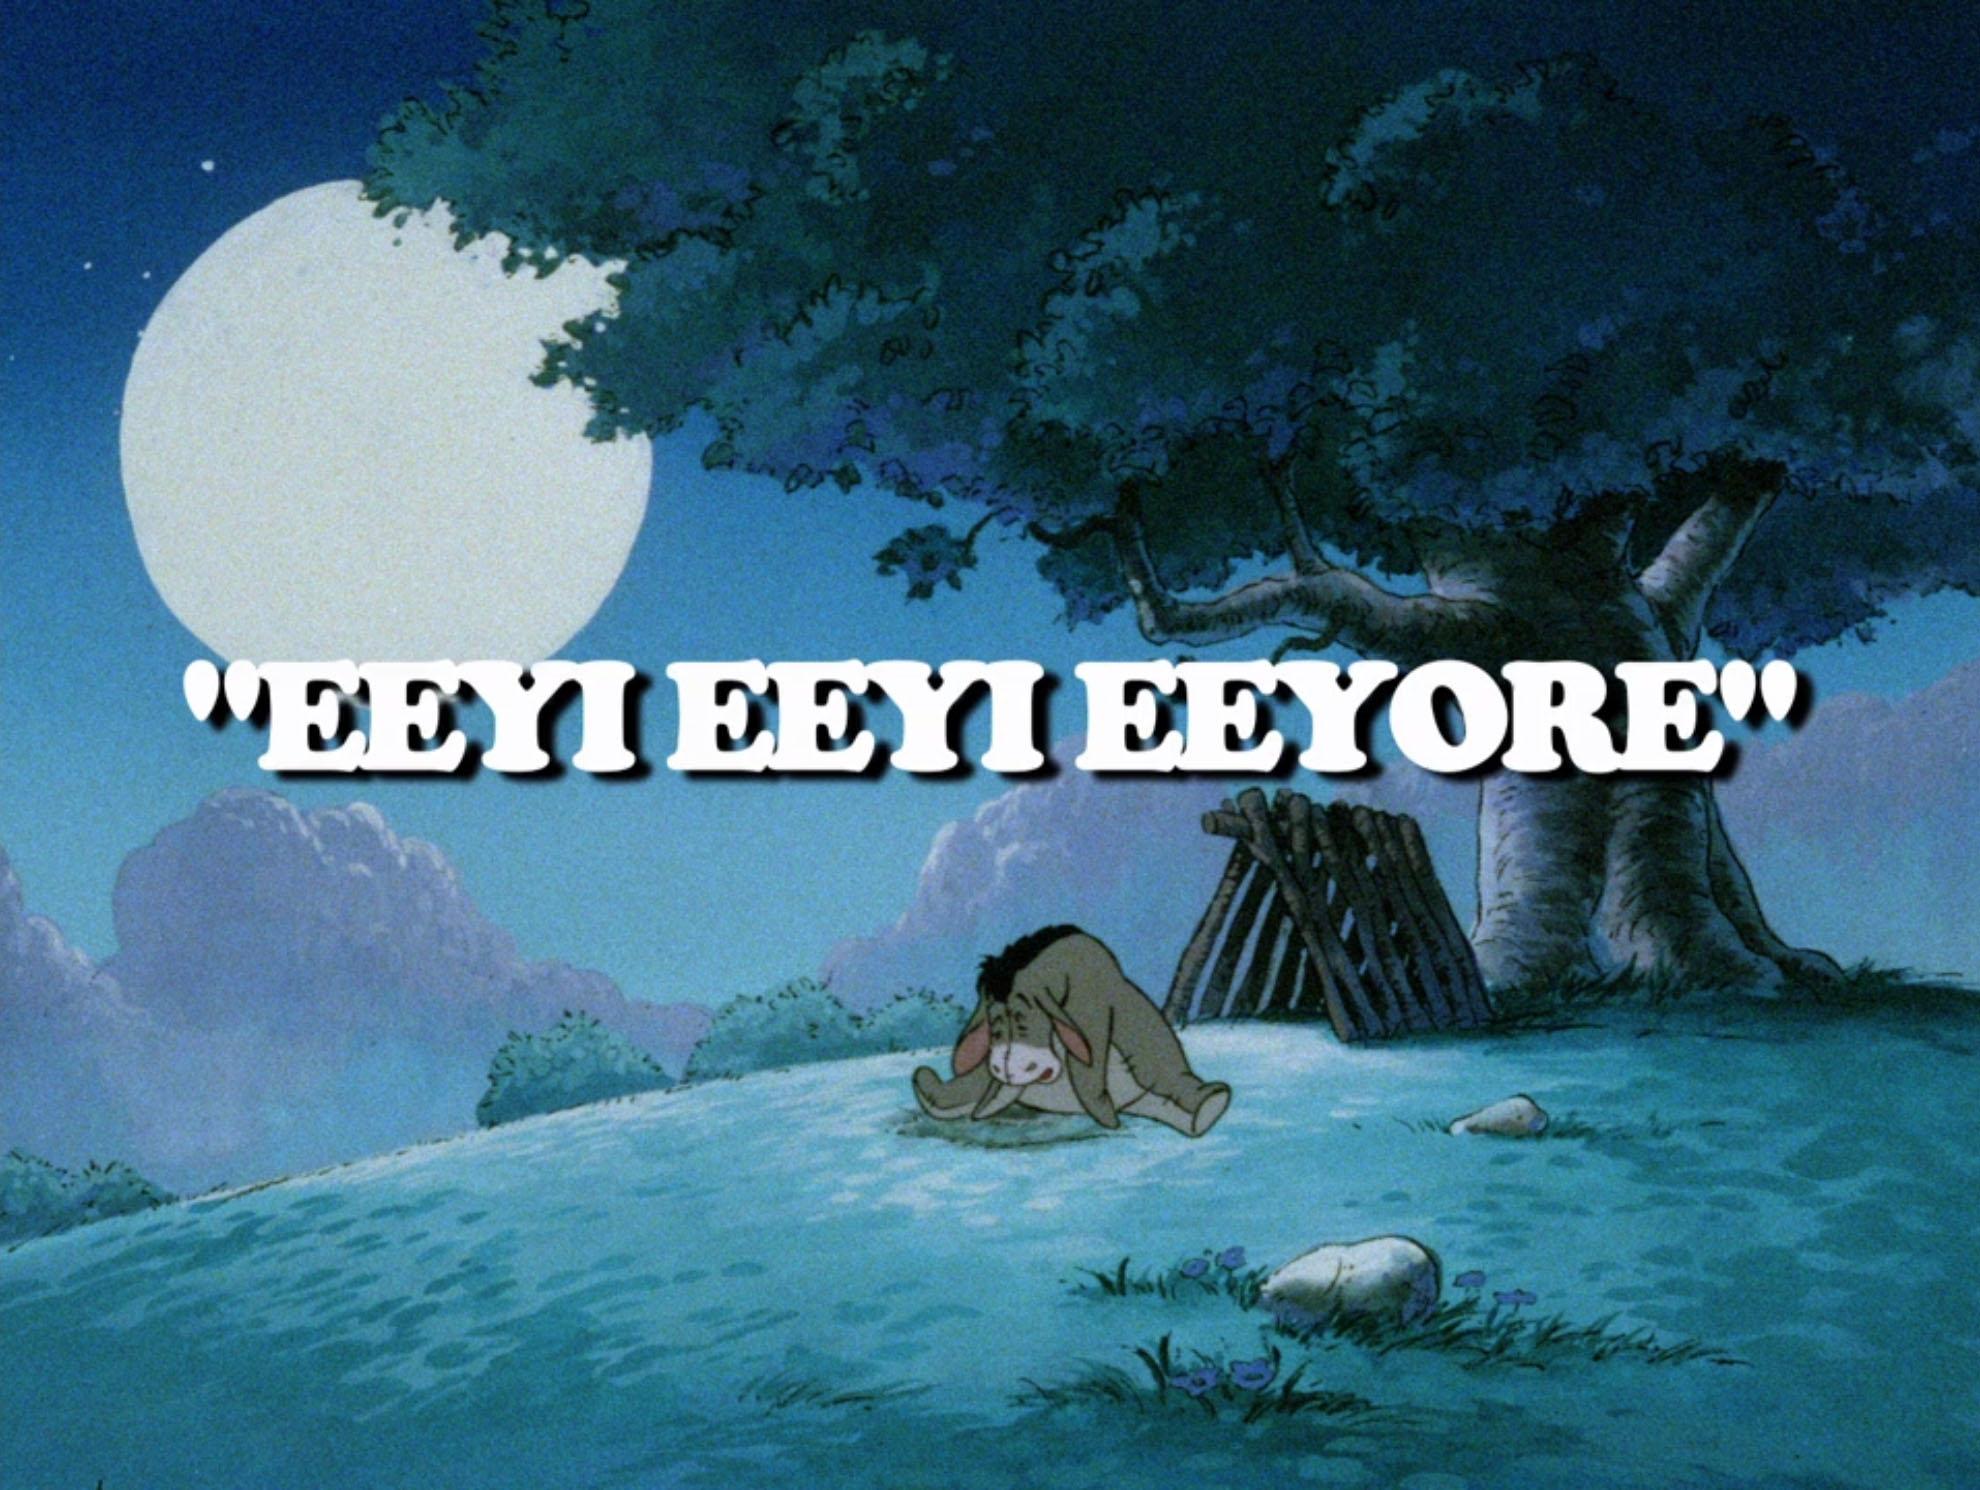 File:Eeyieeyieeyore.jpg